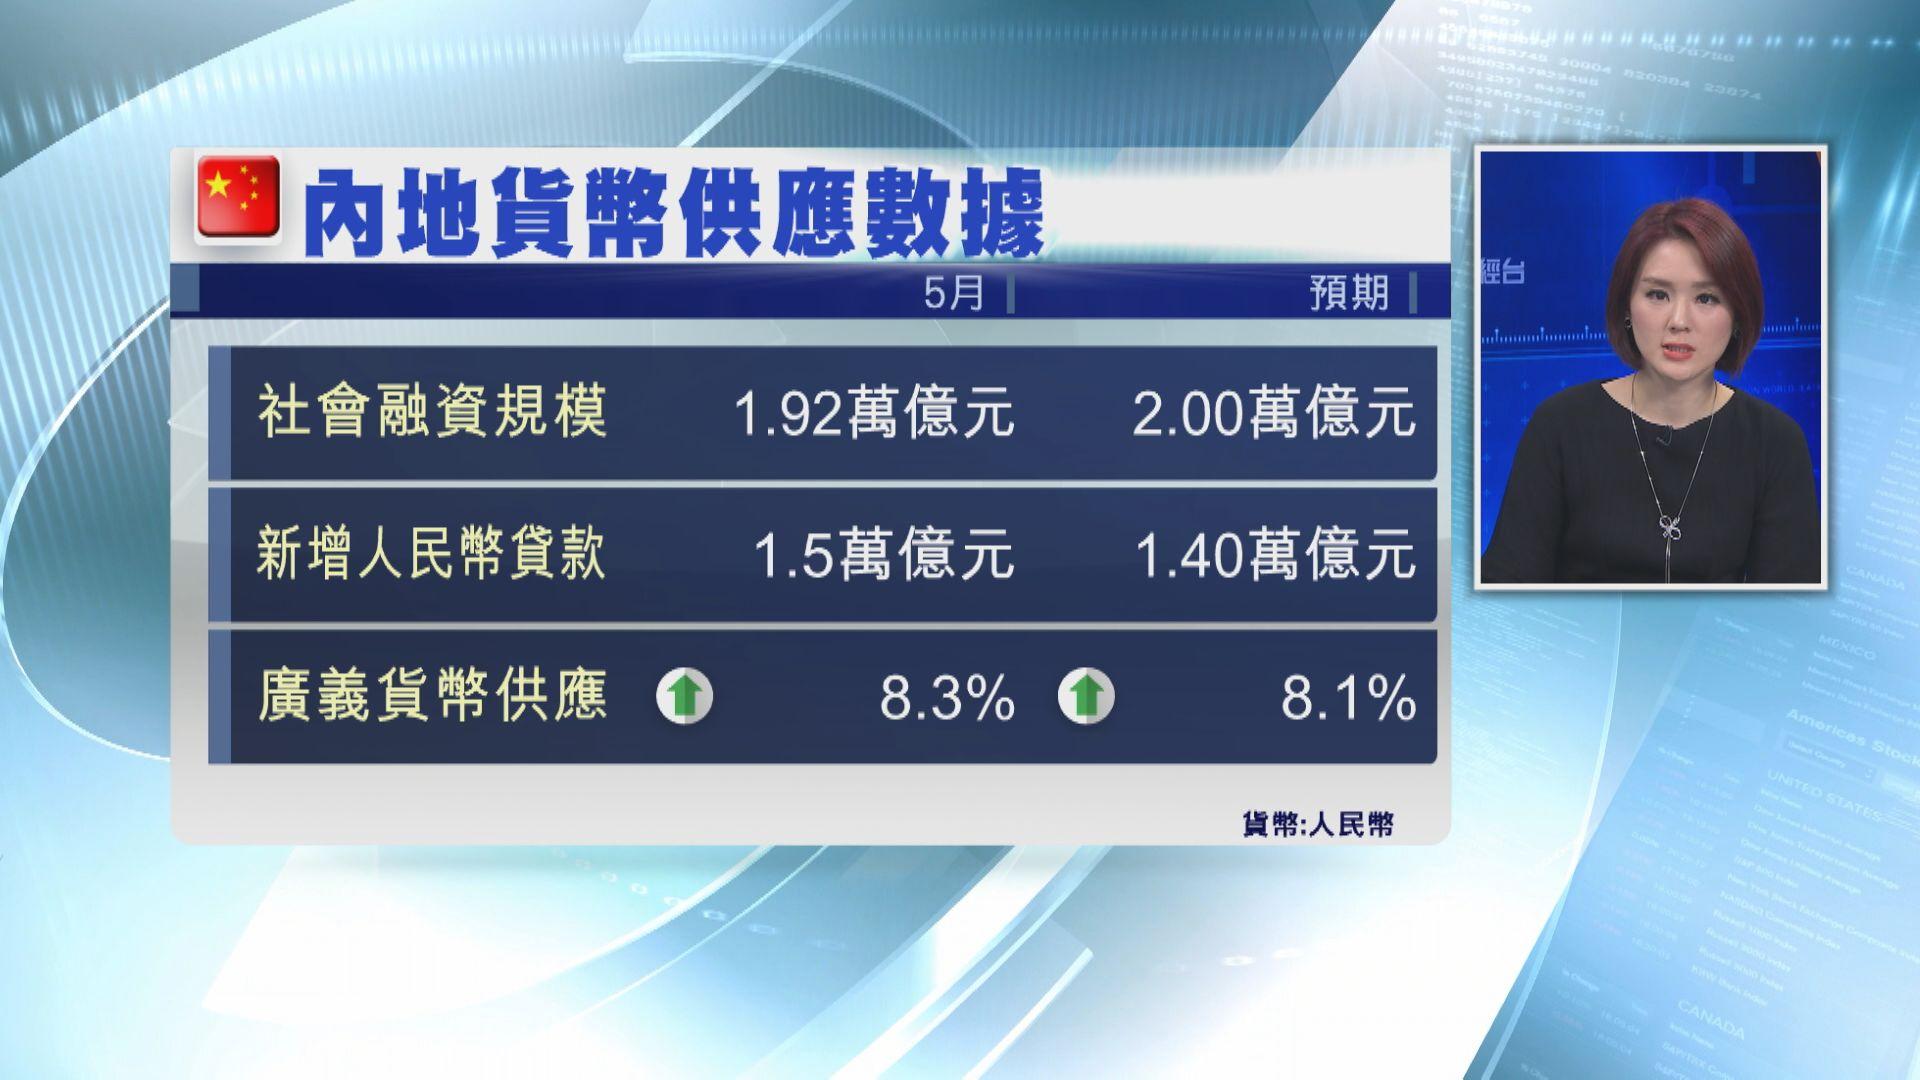 【遜預期】內地5月社融1.92萬億人幣